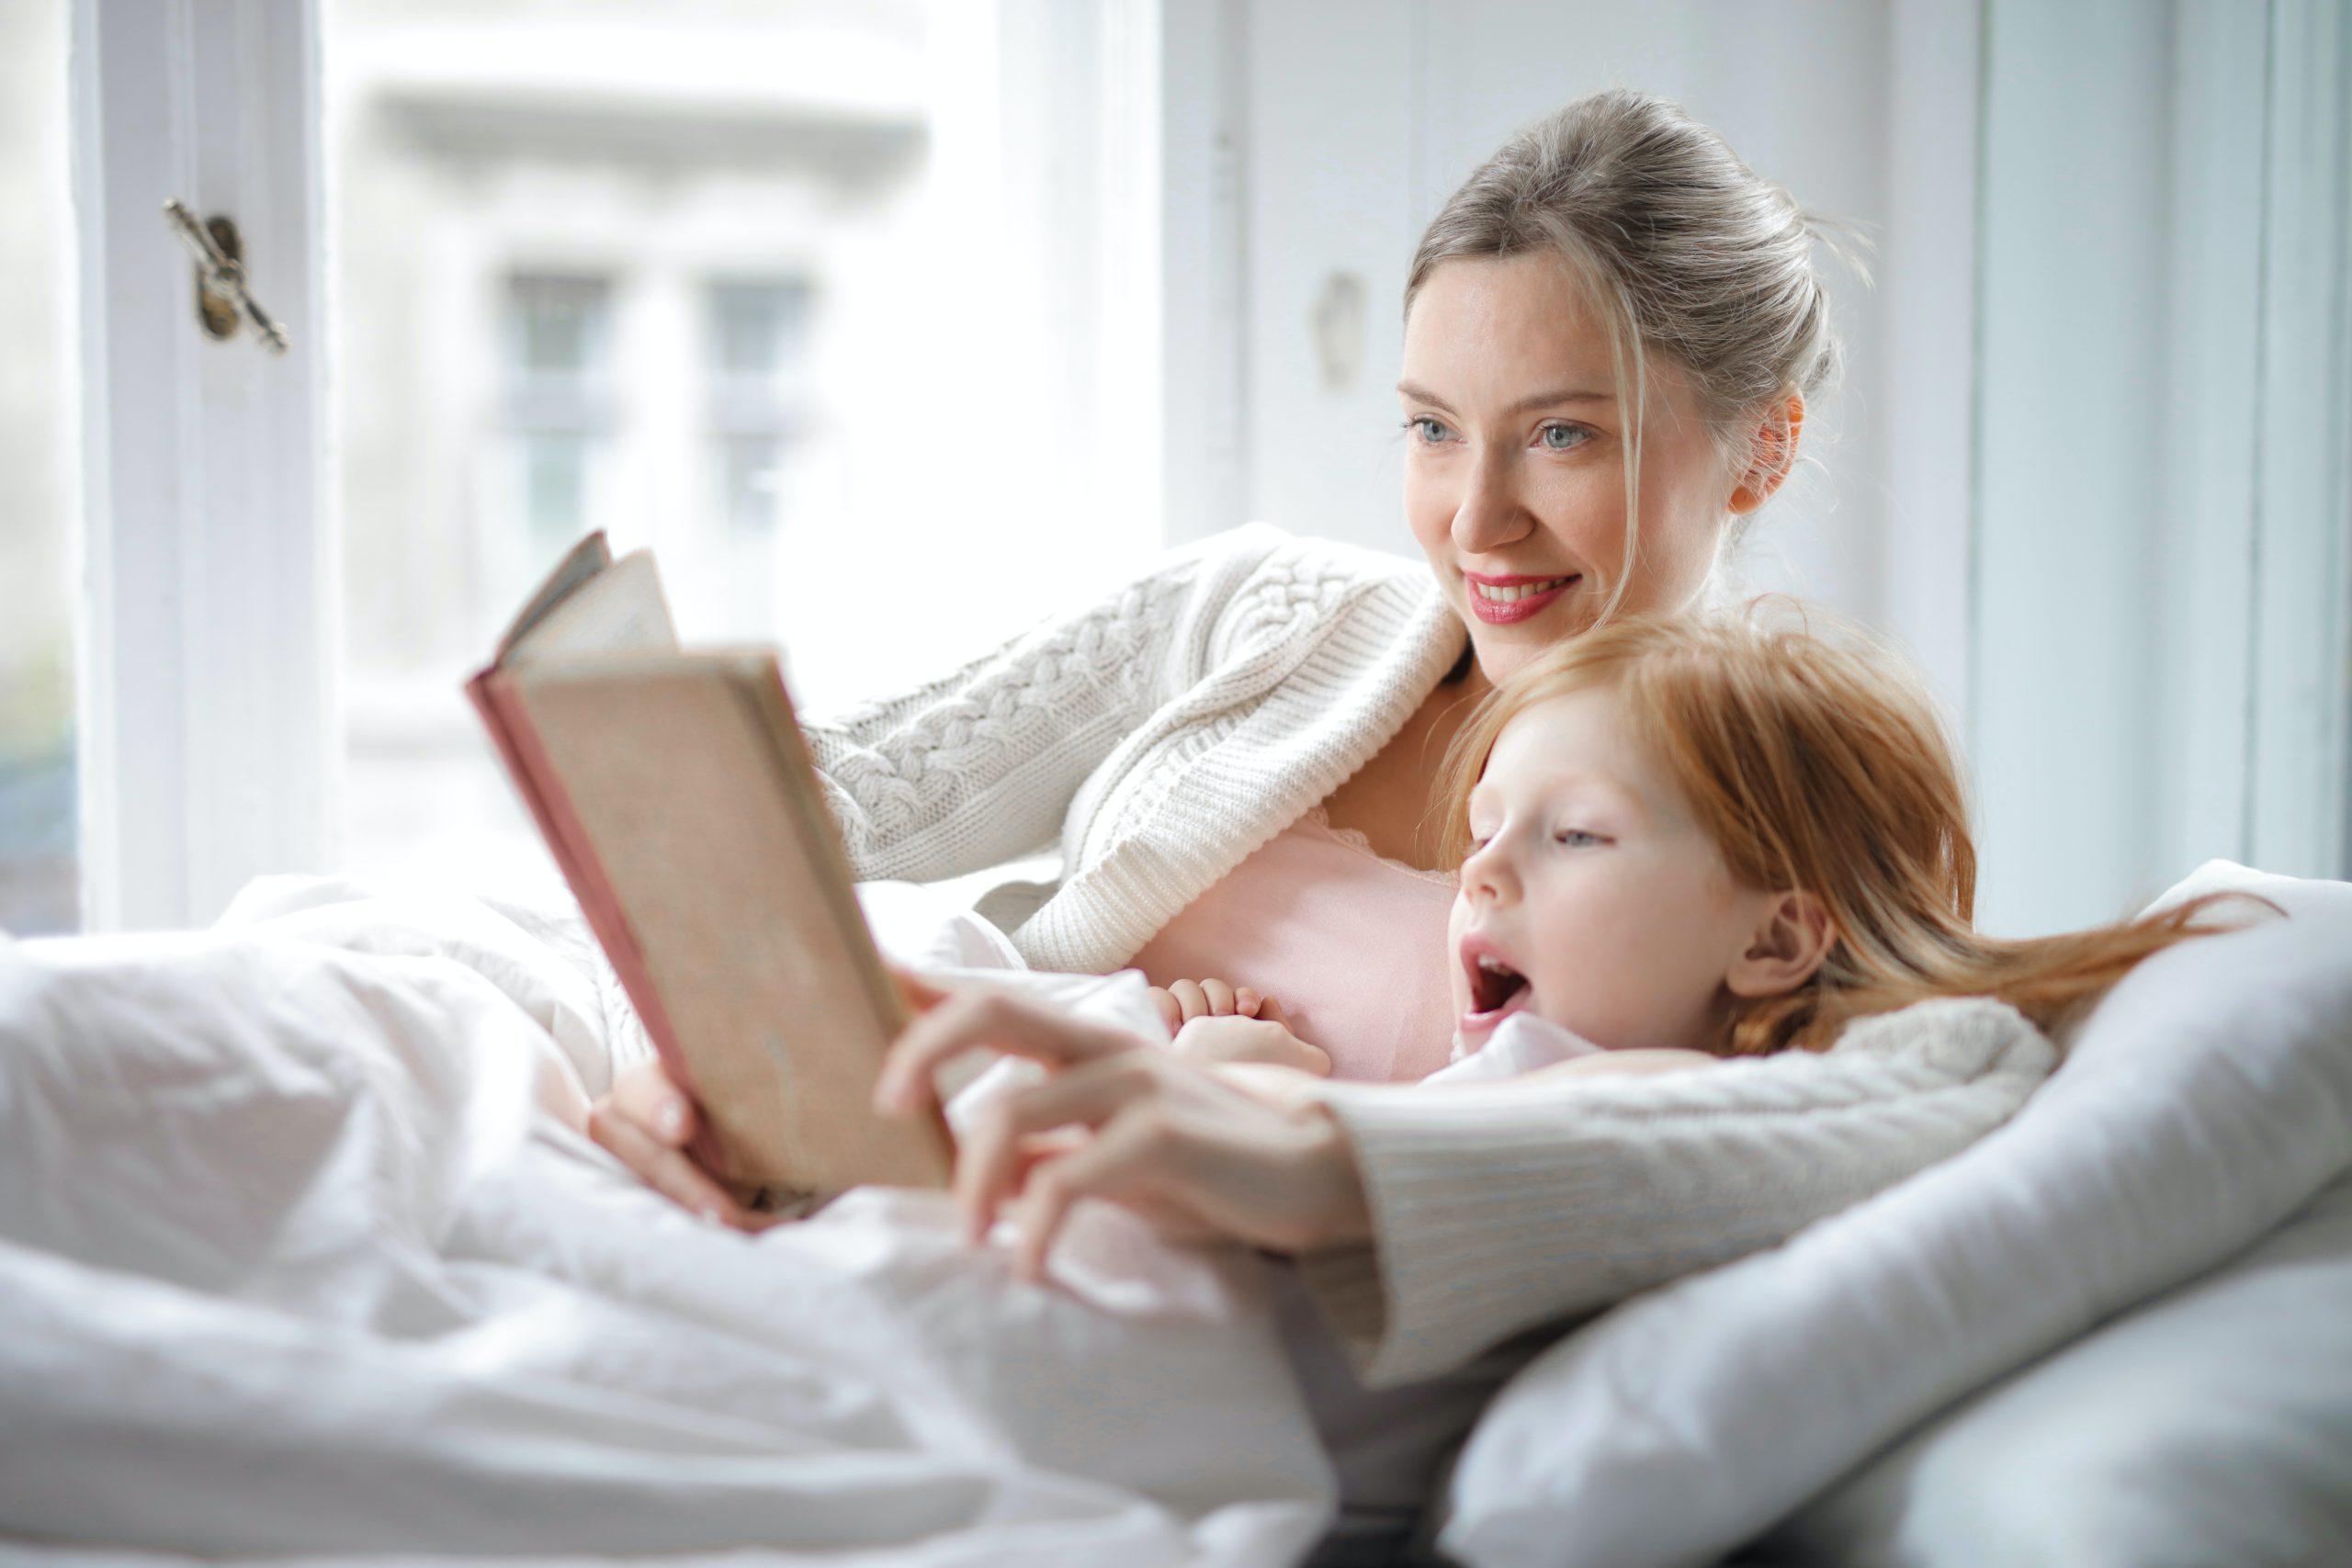 La curiosité est acquise par le partage avec les proches. Un moment de lecture suffit pour éveiller la curiosité.